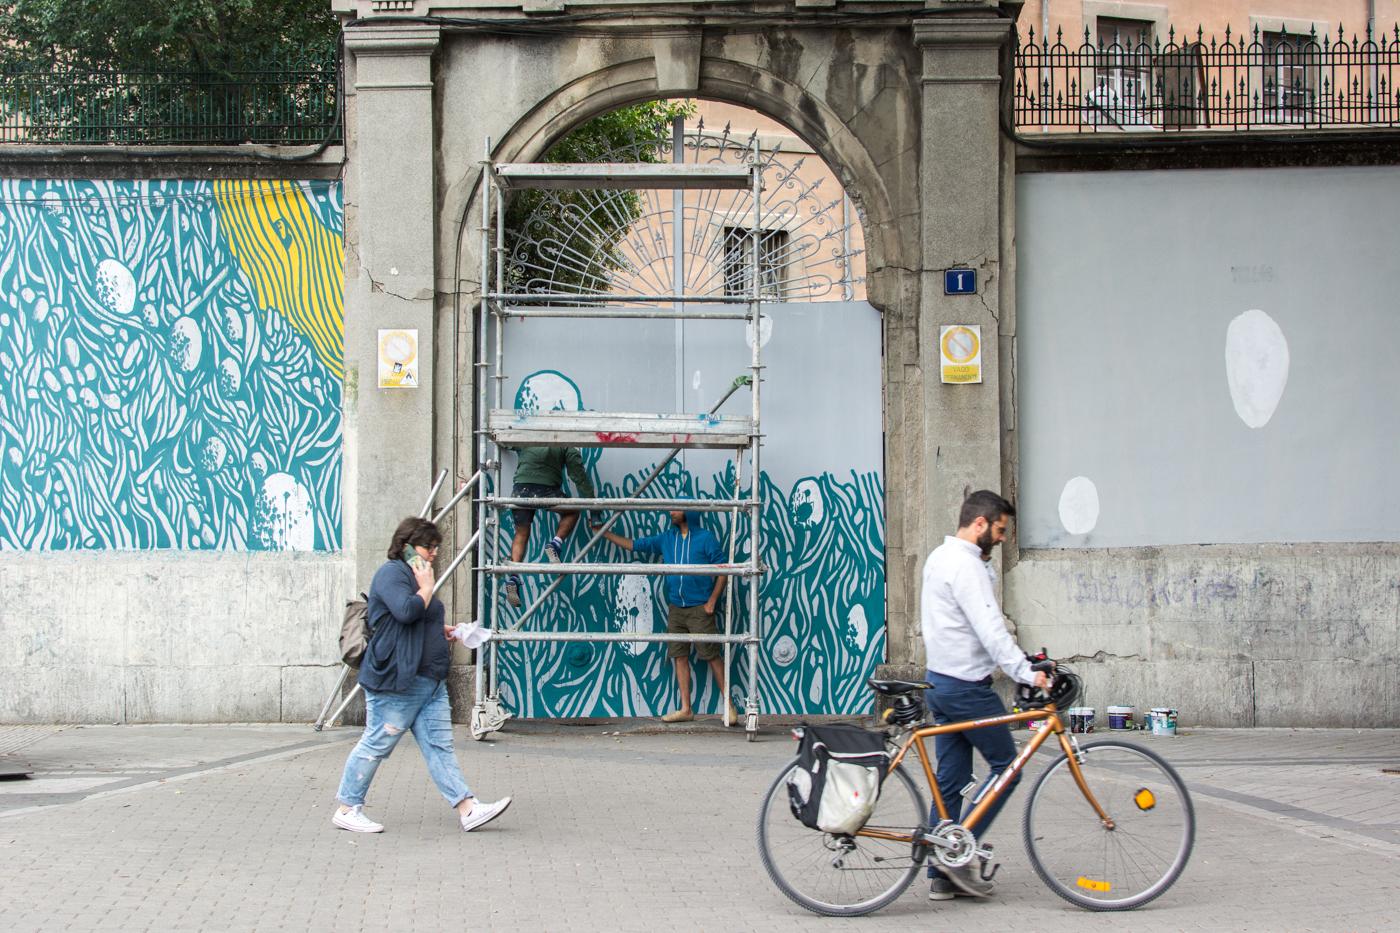 Tellas proceso - MurosTabacalera by Guillermo de la Madrid - Madrid Street Art Project -47.jpg